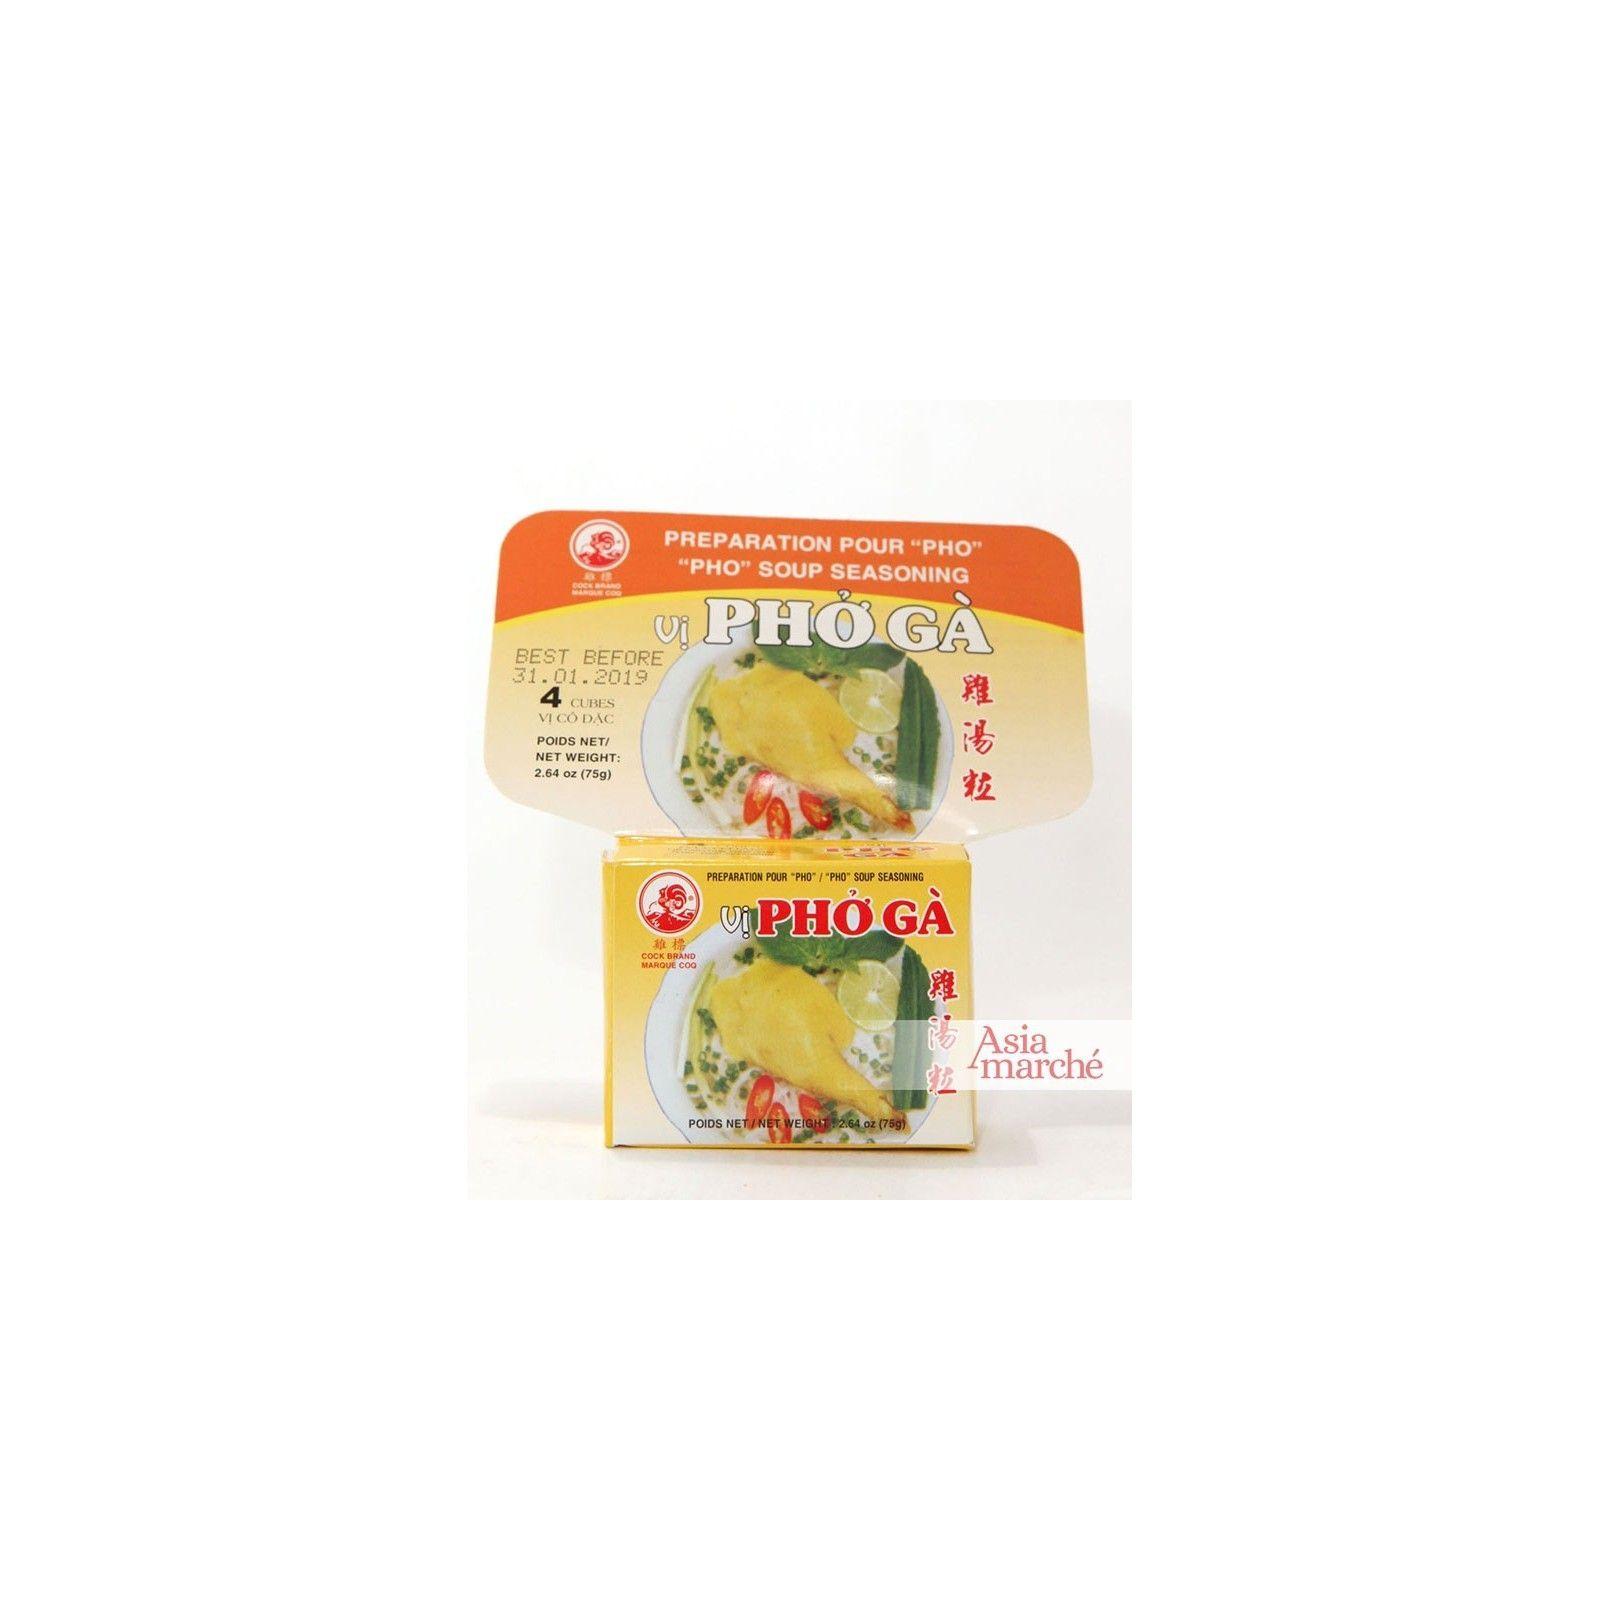 Asia Marché Epices en cube pour Pho Ga Poulet75g